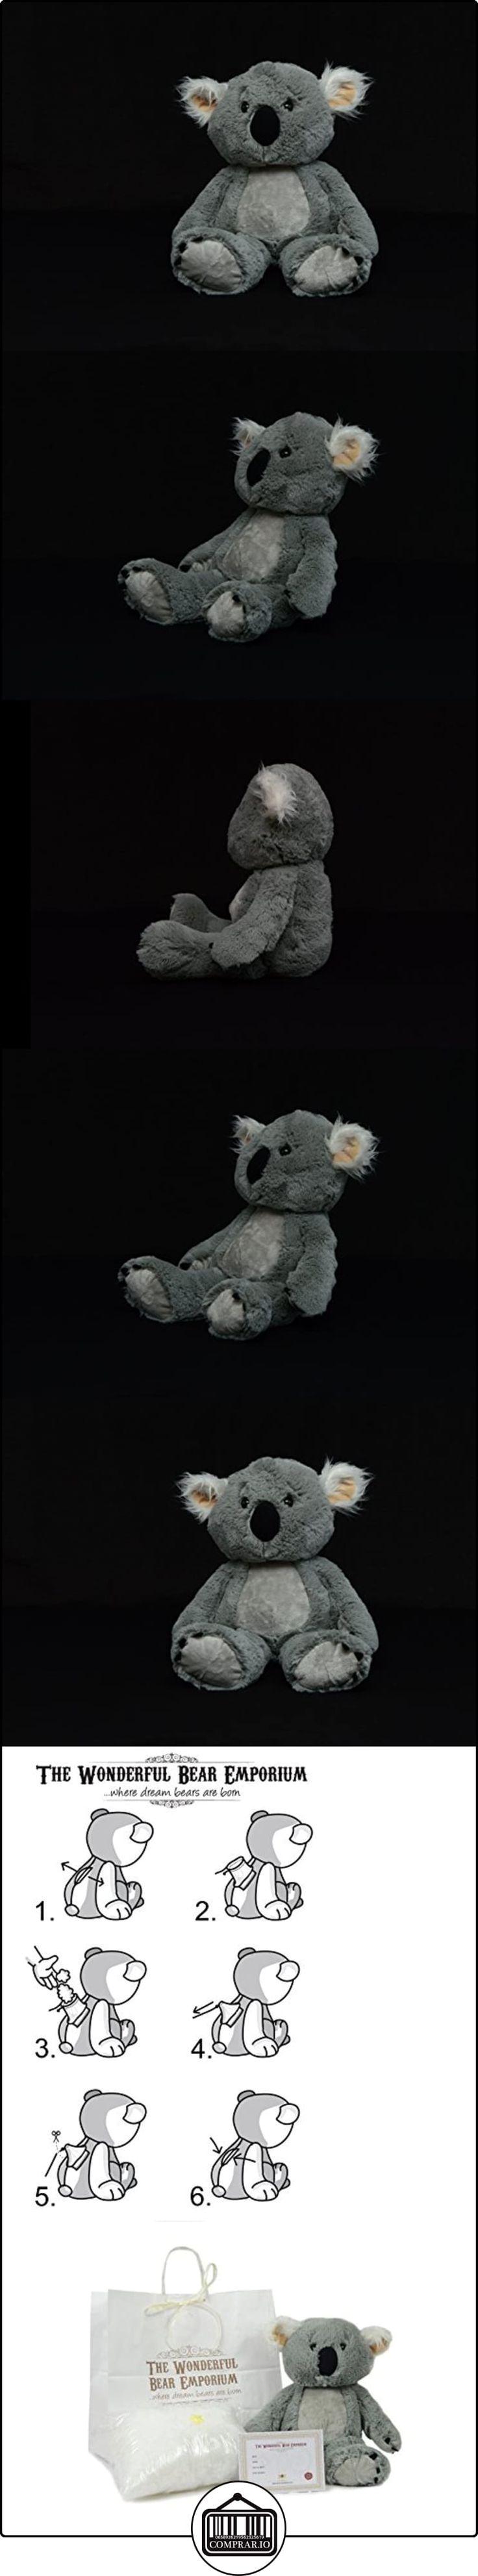 Oso de koala oso de peluche por el maravilloso Emporium-Koala oso de peluche juguete de peluche Koala oso de peluche ropa adapta Construir un oso  ✿ Regalos para recién nacidos - Bebes ✿ ▬► Ver oferta: http://comprar.io/goto/B01MD1E22T